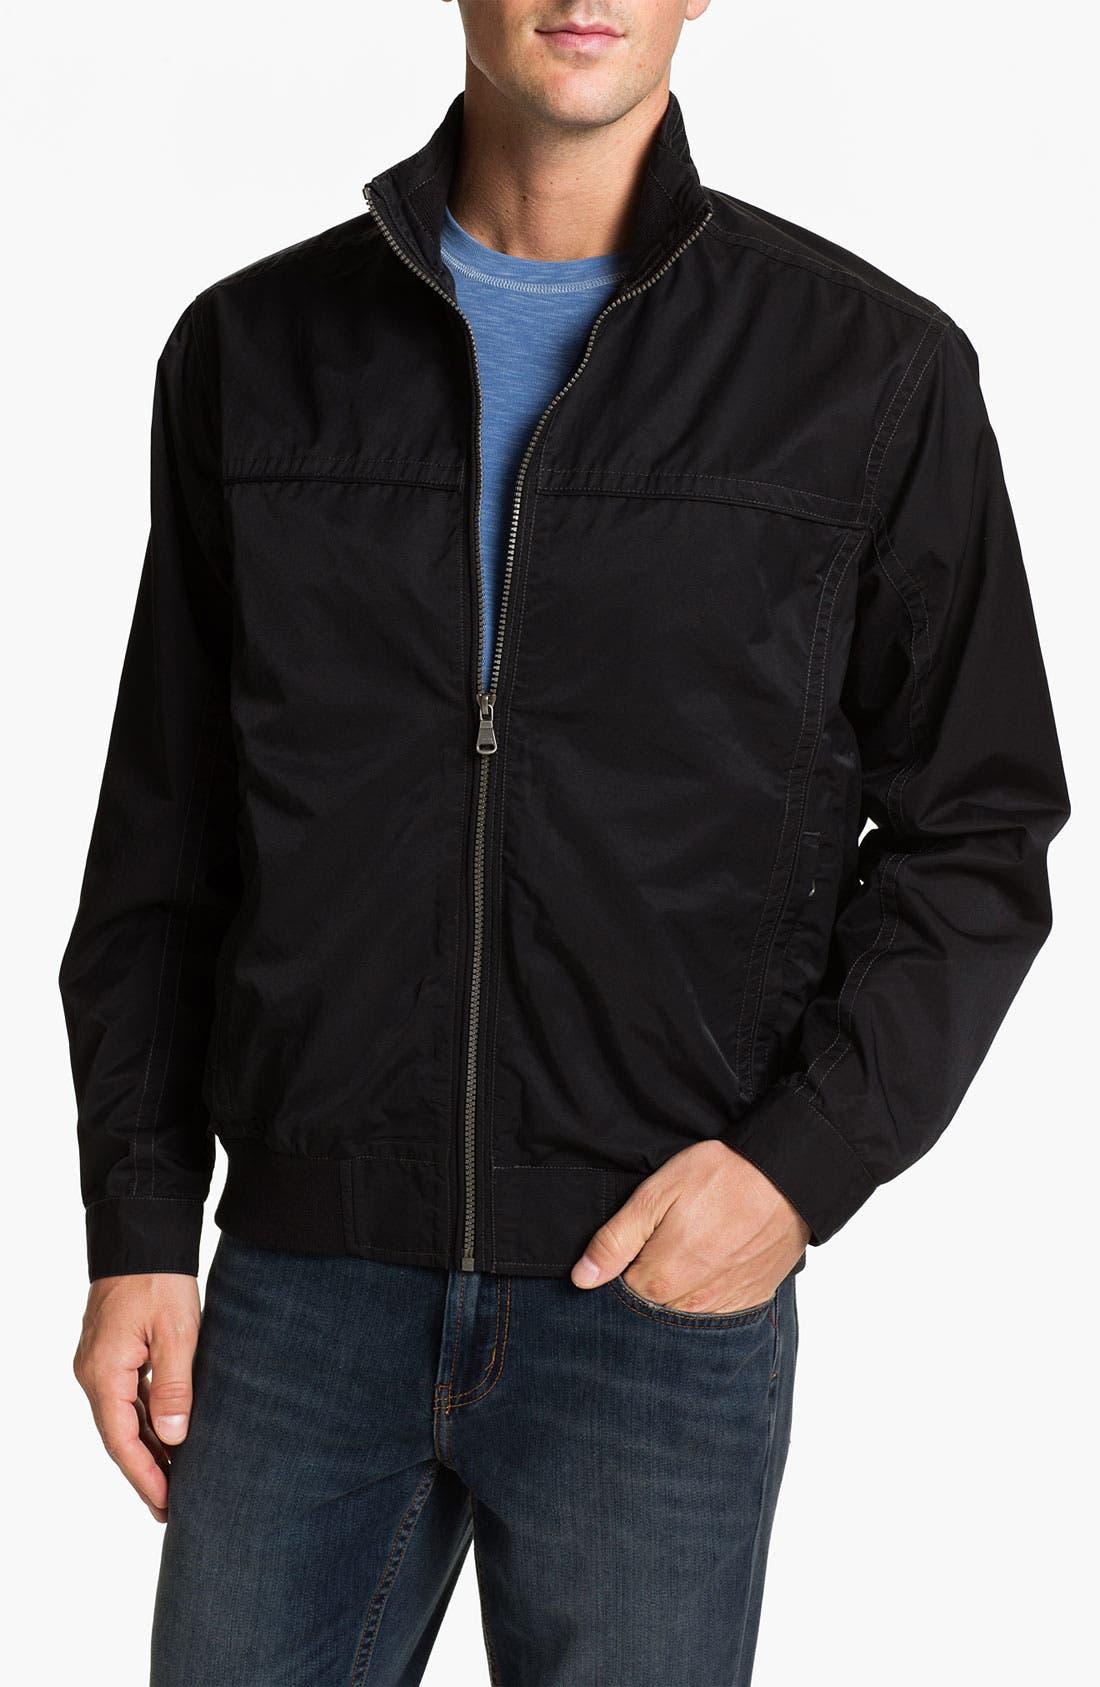 Main Image - Tommy Bahama 'Eisenhower' Jacket